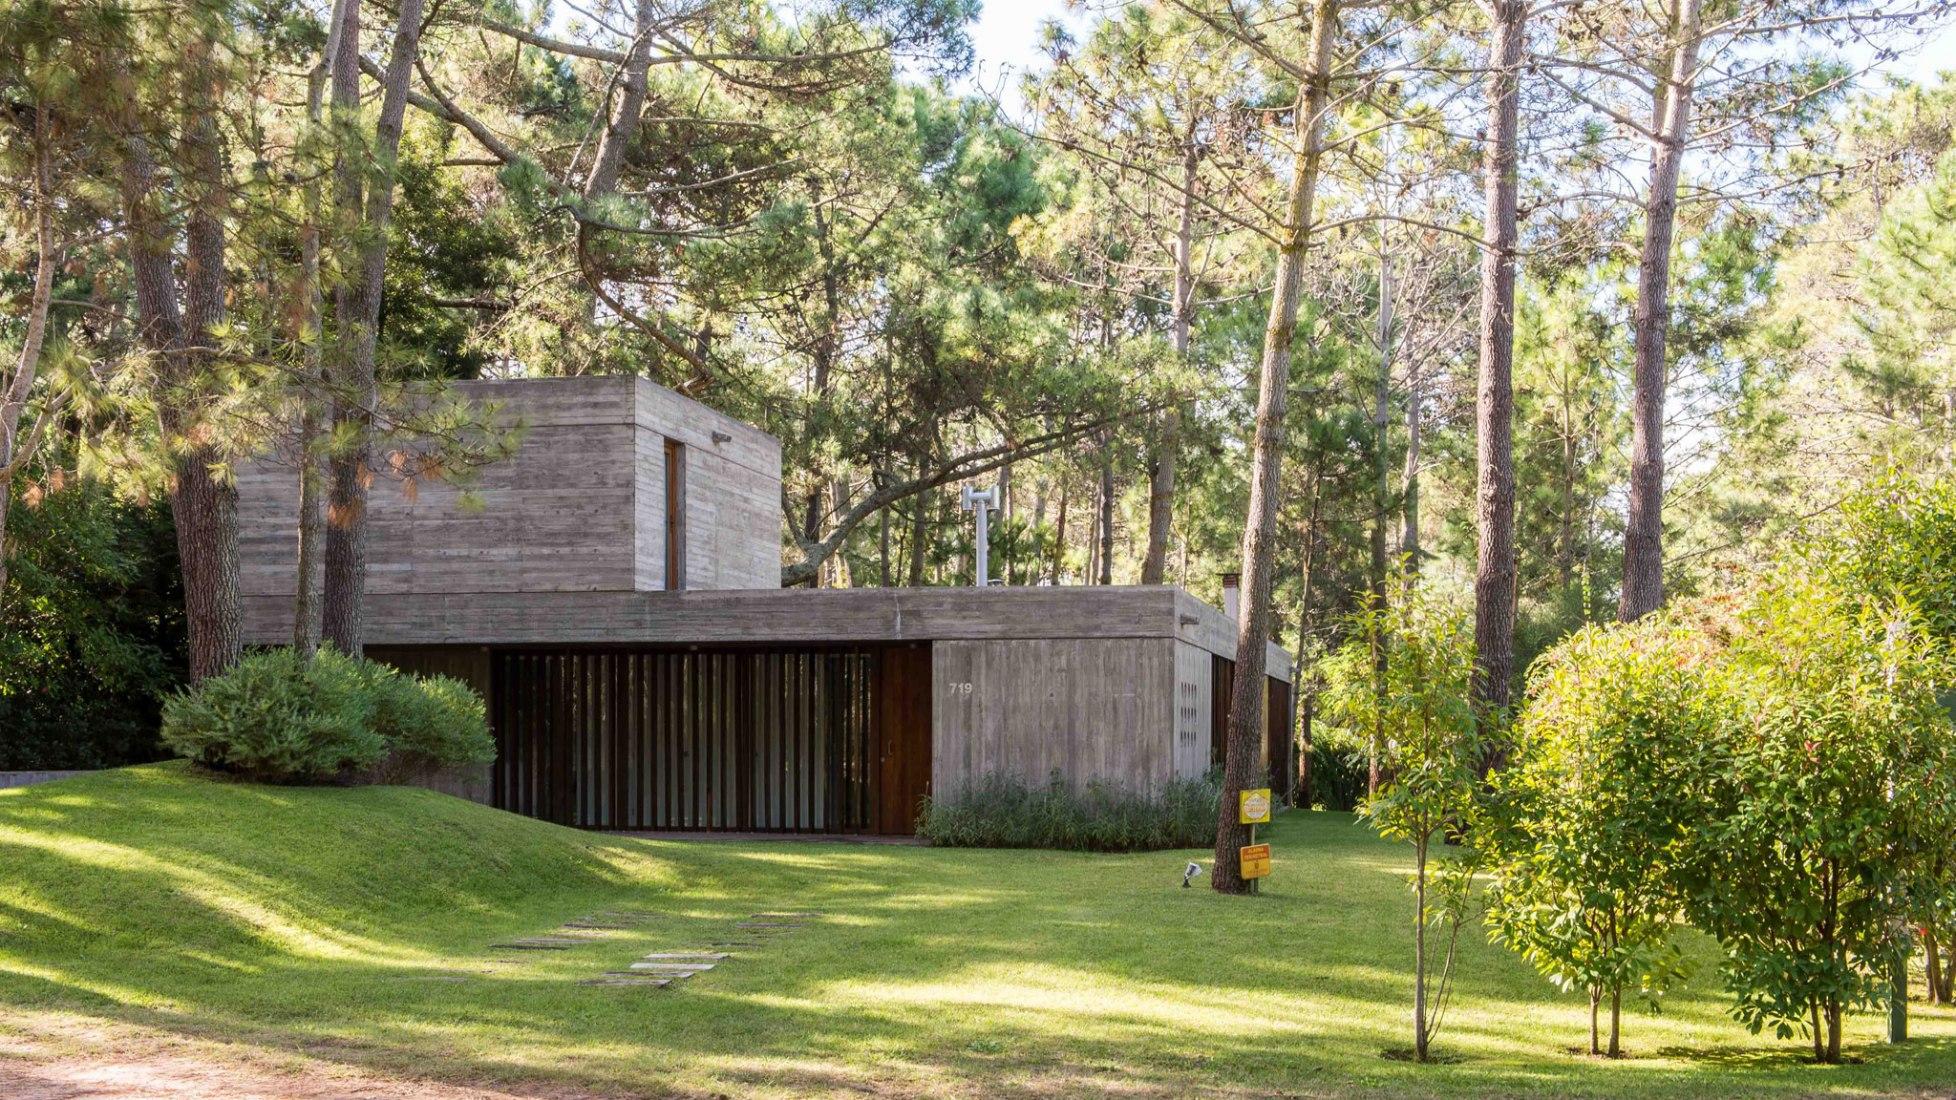 Casa F por Gianserra + Lima arquitectos. Fotografía por Luis Barandiaran.